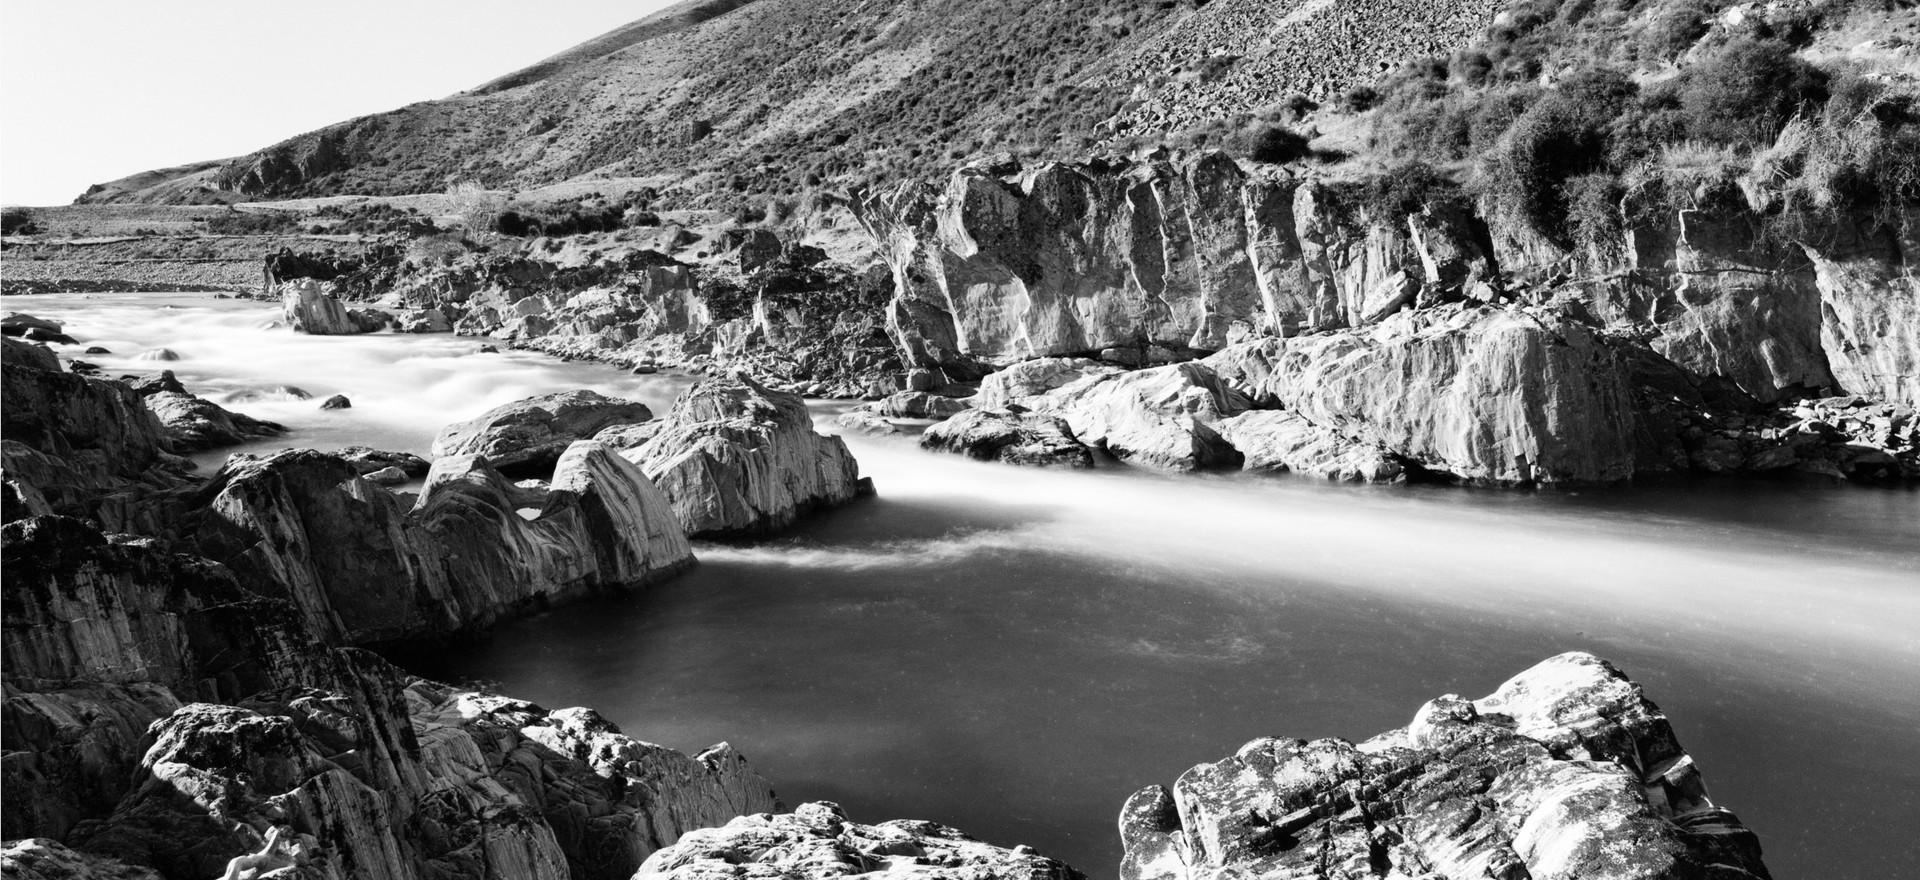 Ahuriri Gorge